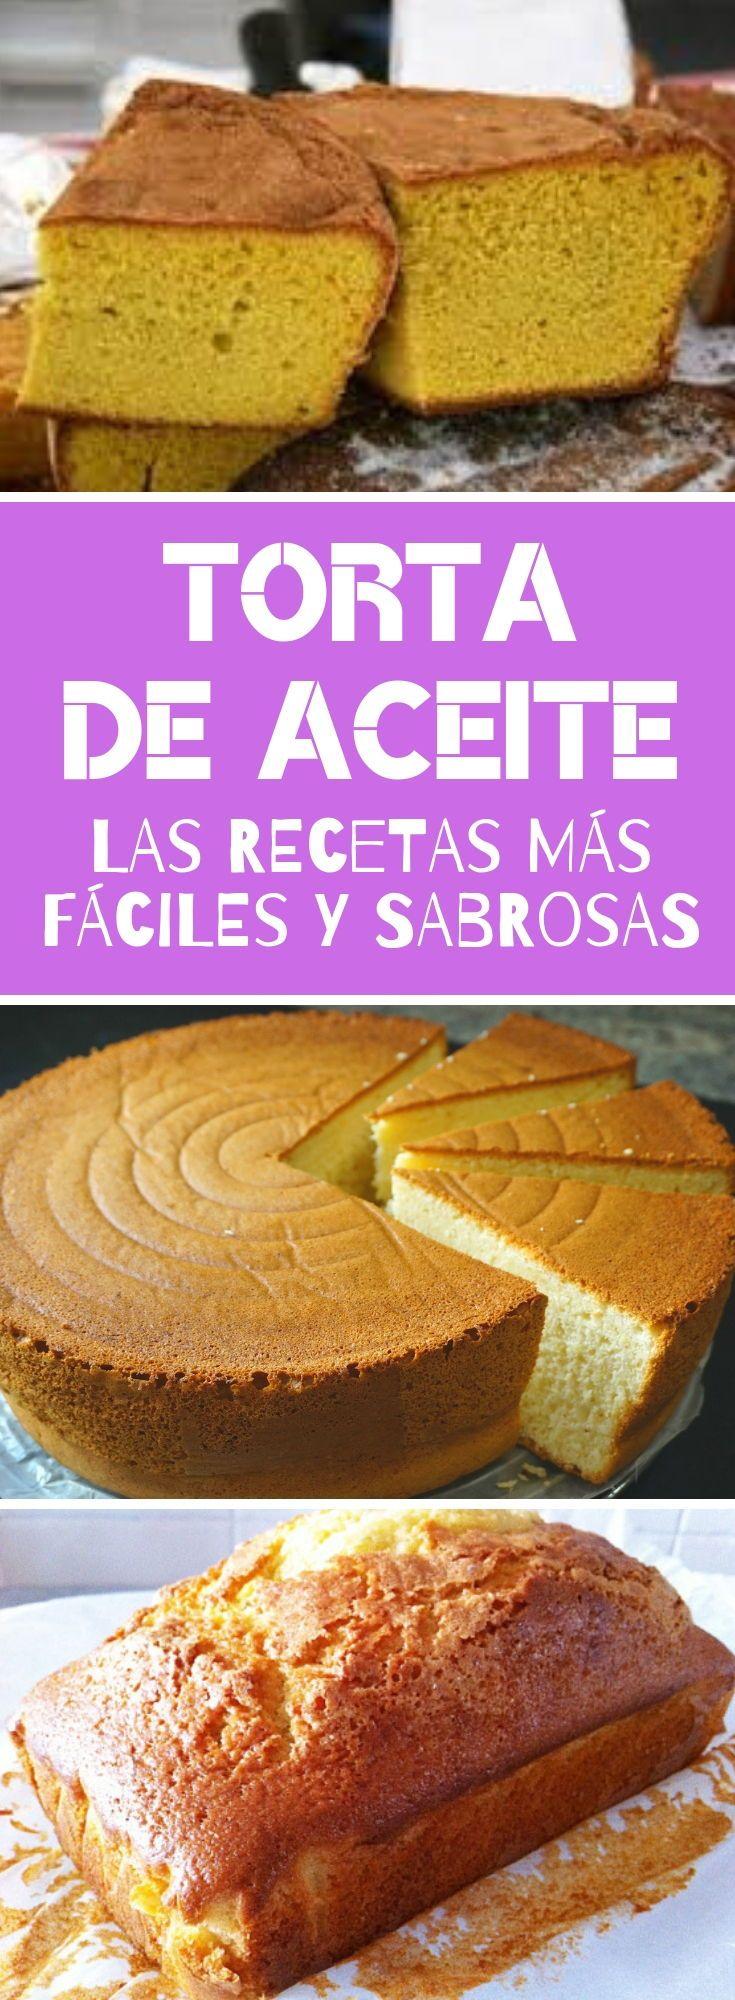 Torta De Aceite Tienes Que Darte El Gusto De Probar Esta Sabrosa Y Fácil Receta Quiero Quierocakesblog Tortas Torta De Vainilla Receta De Torta